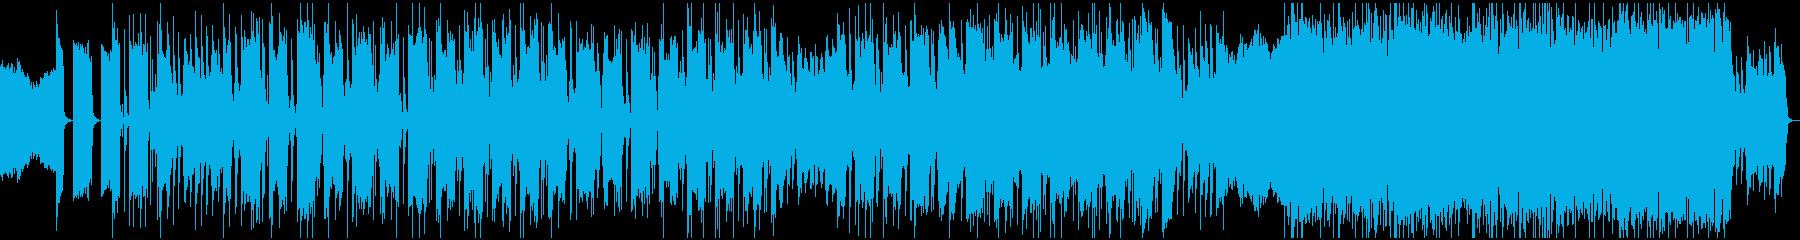 ホラーやゲームの地獄的シーン曲の再生済みの波形